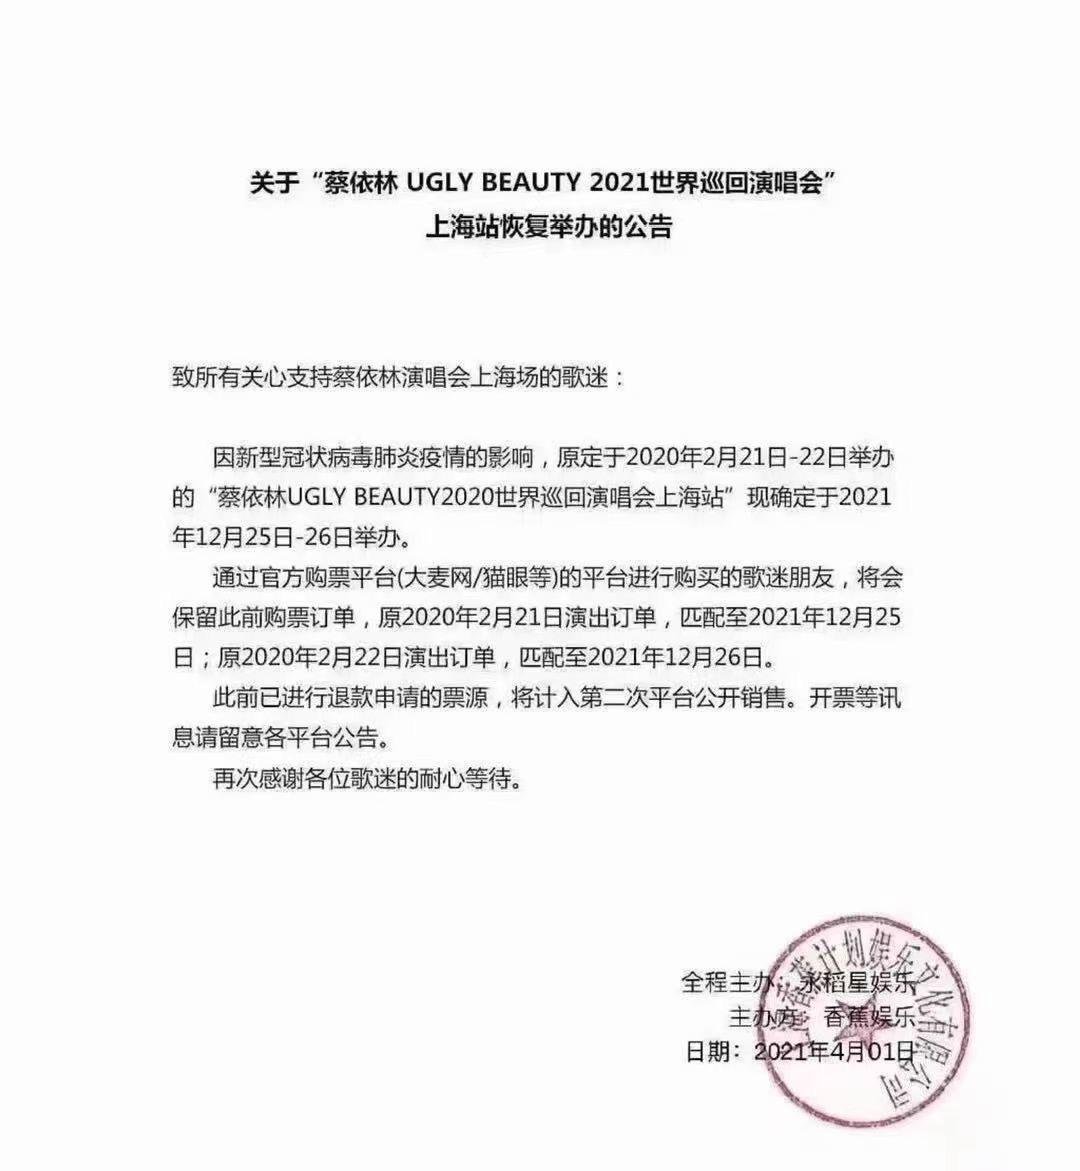 2021蔡依林Ugly Beauty世界巡回演唱会-上海站